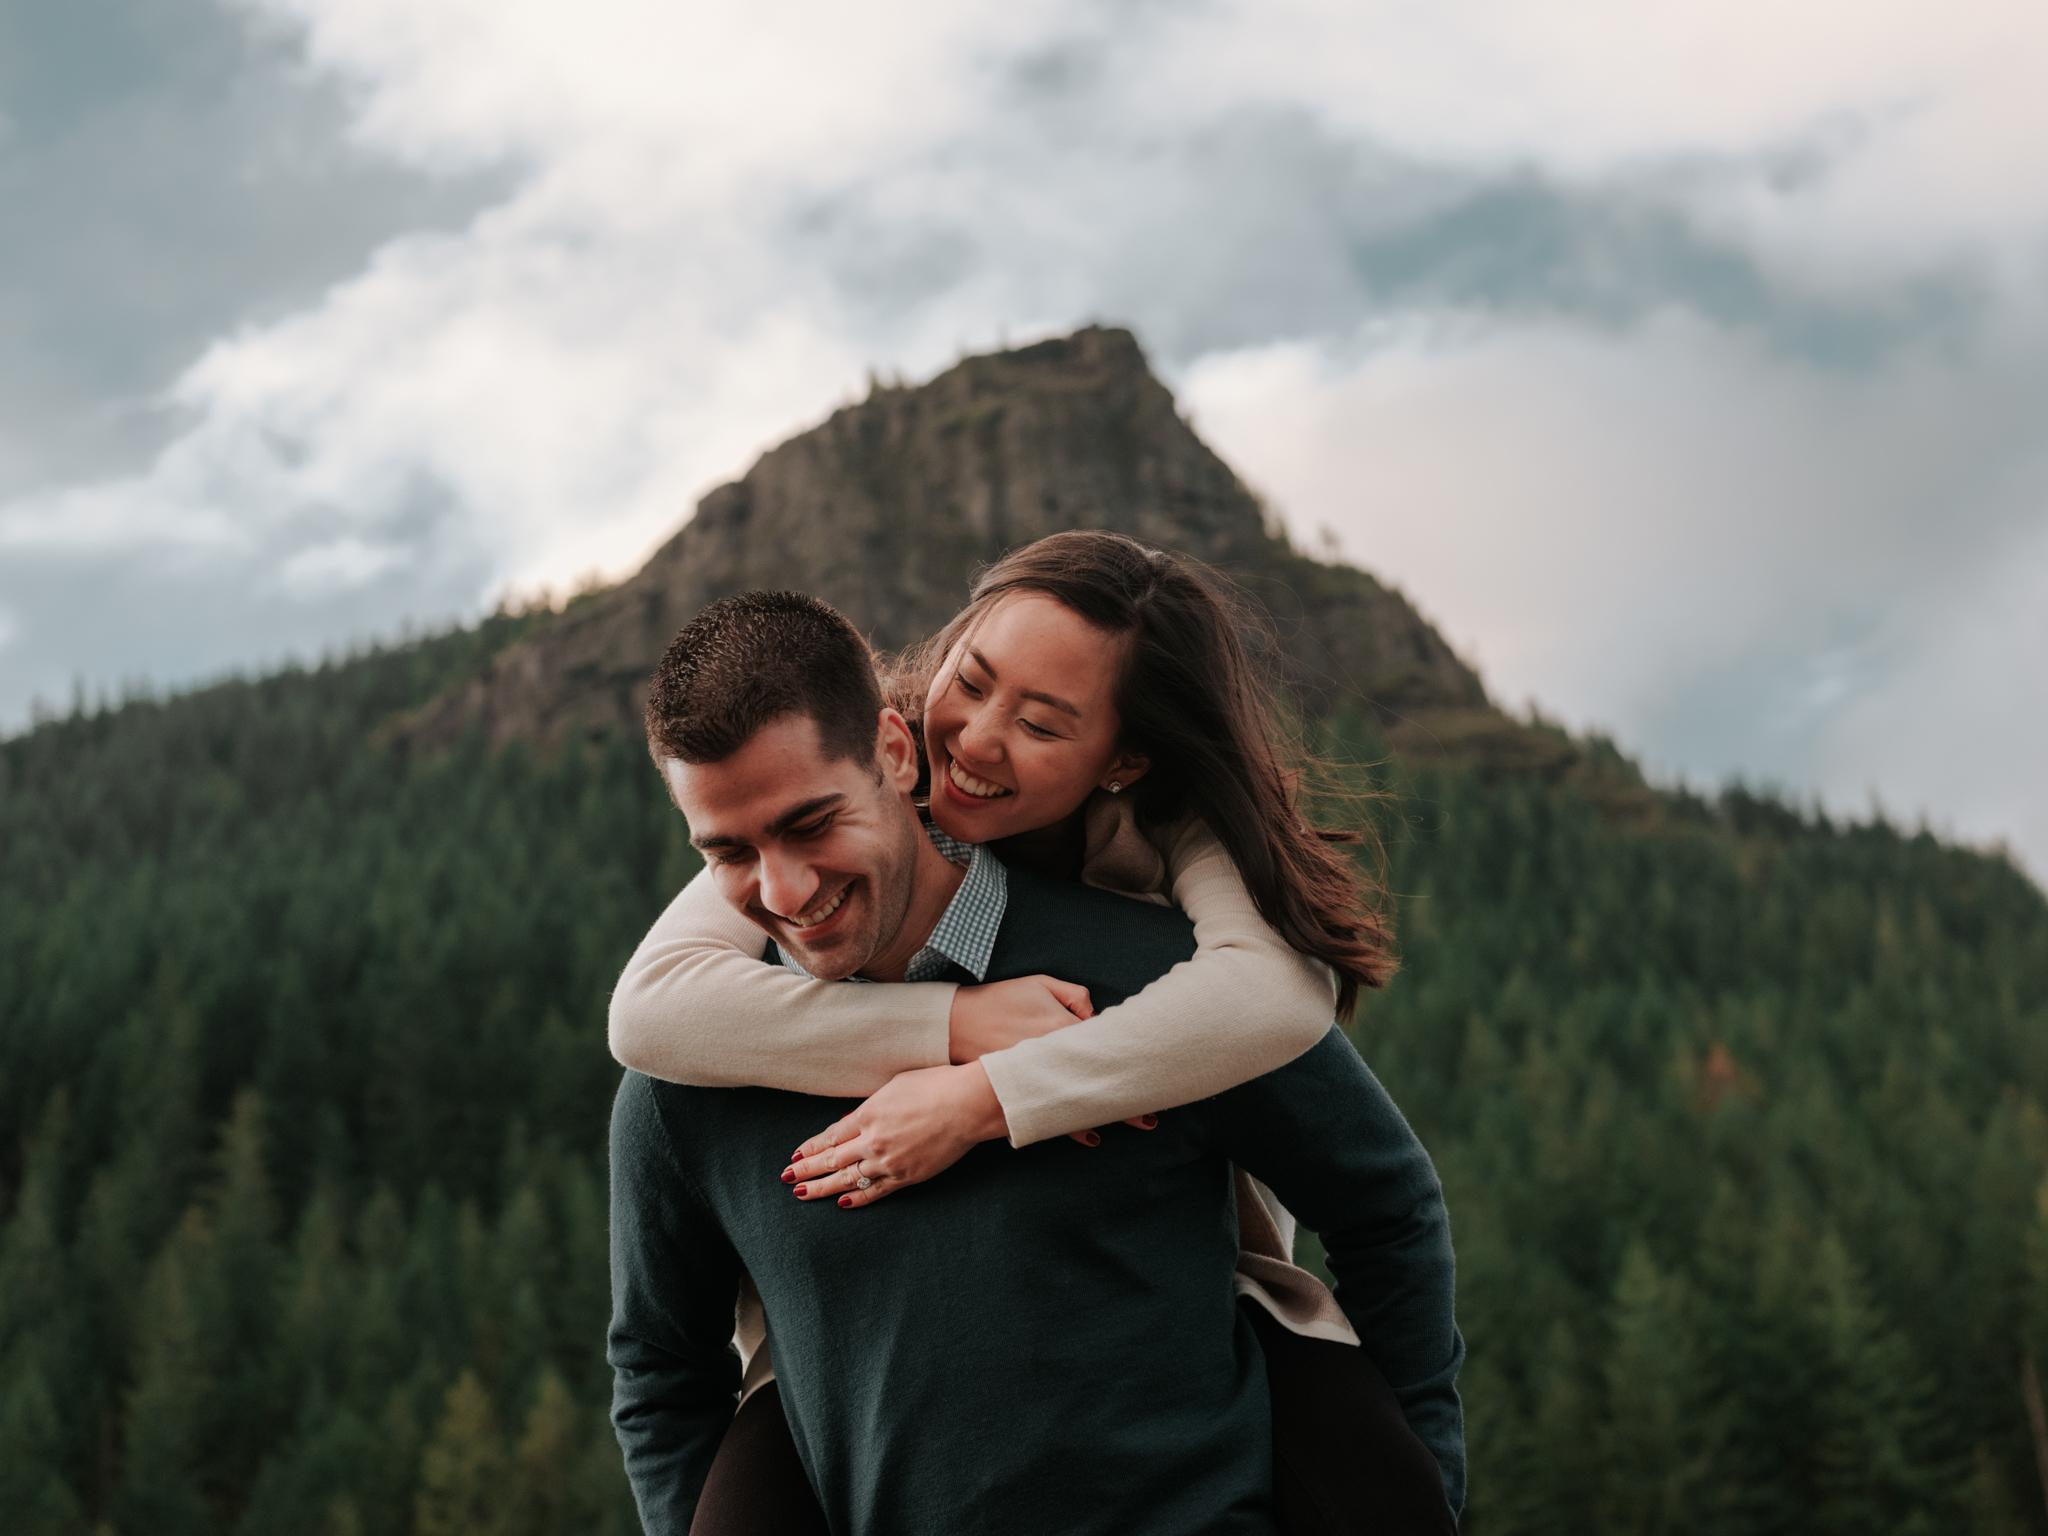 Seattle Engagement Photographer_Stolen Glimpses 53.jpg